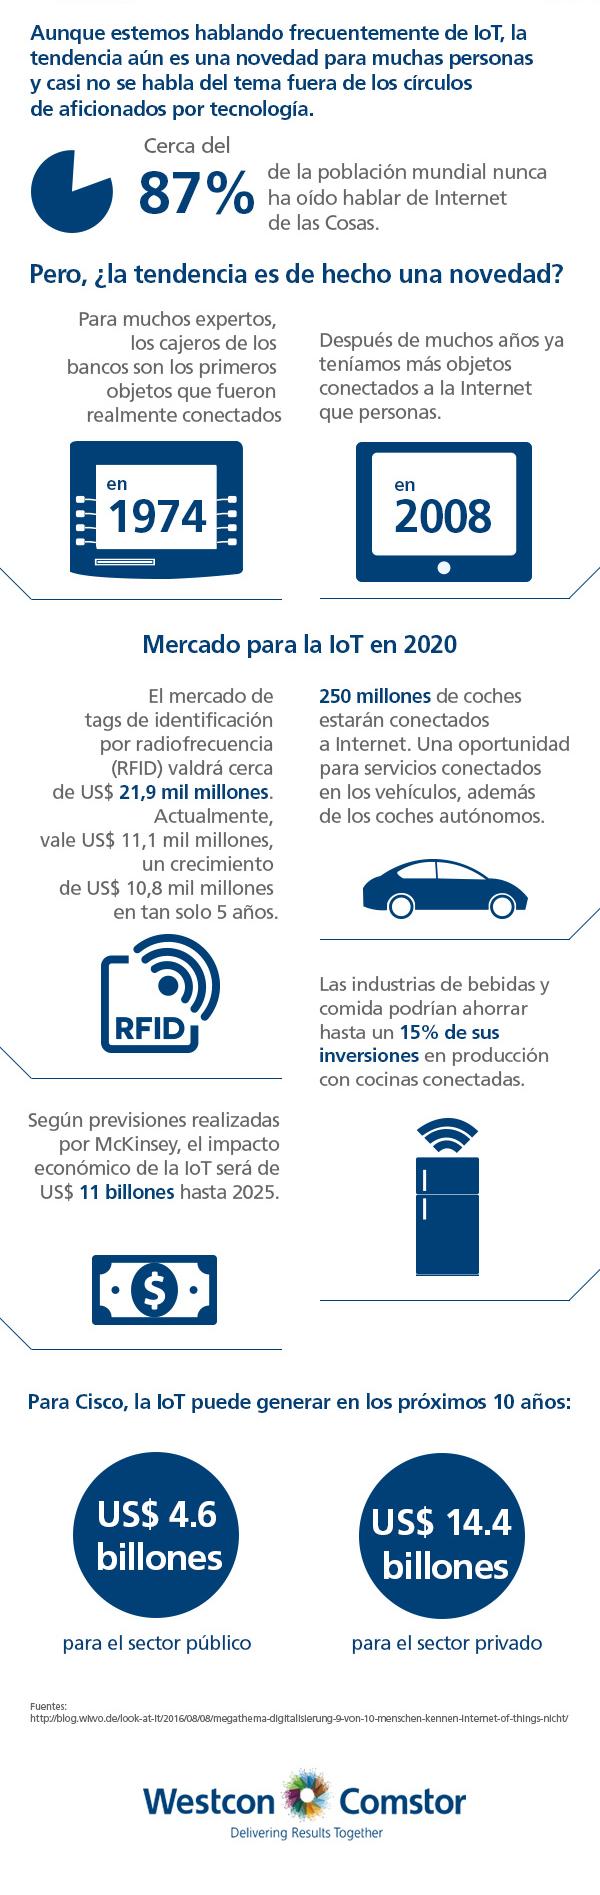 071---[Infográfico]-Internet-de-las-Cosas-un-mundo-conectado_semheader.png